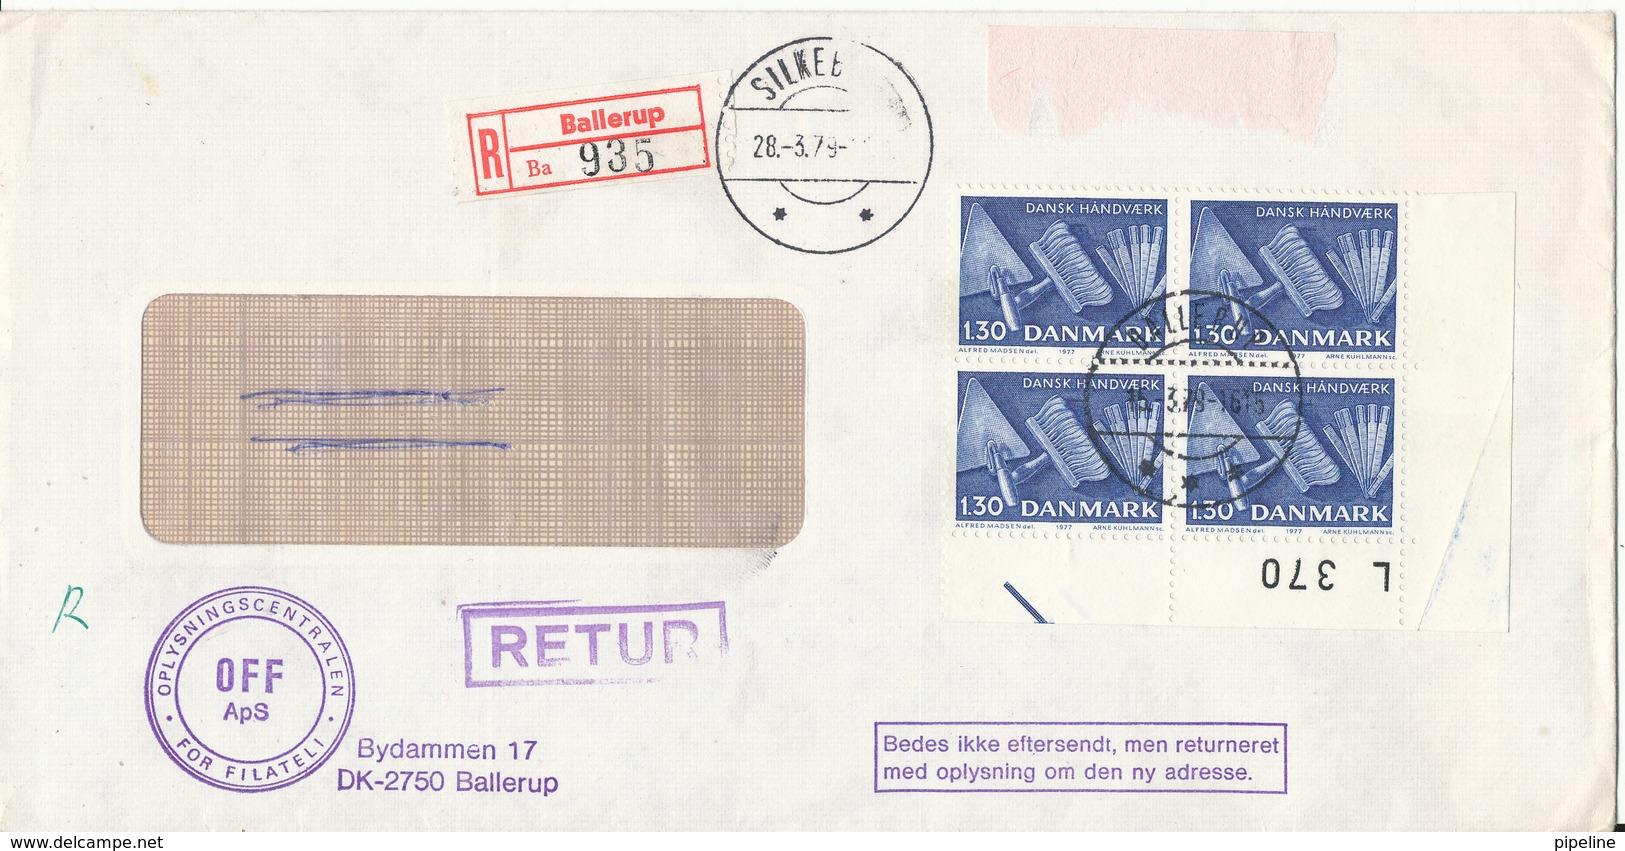 Denmark Registered Cover Sent To Silkeborg Ballerup 15-3-1979 And Returned To Sender 28-3-1979 - Denmark